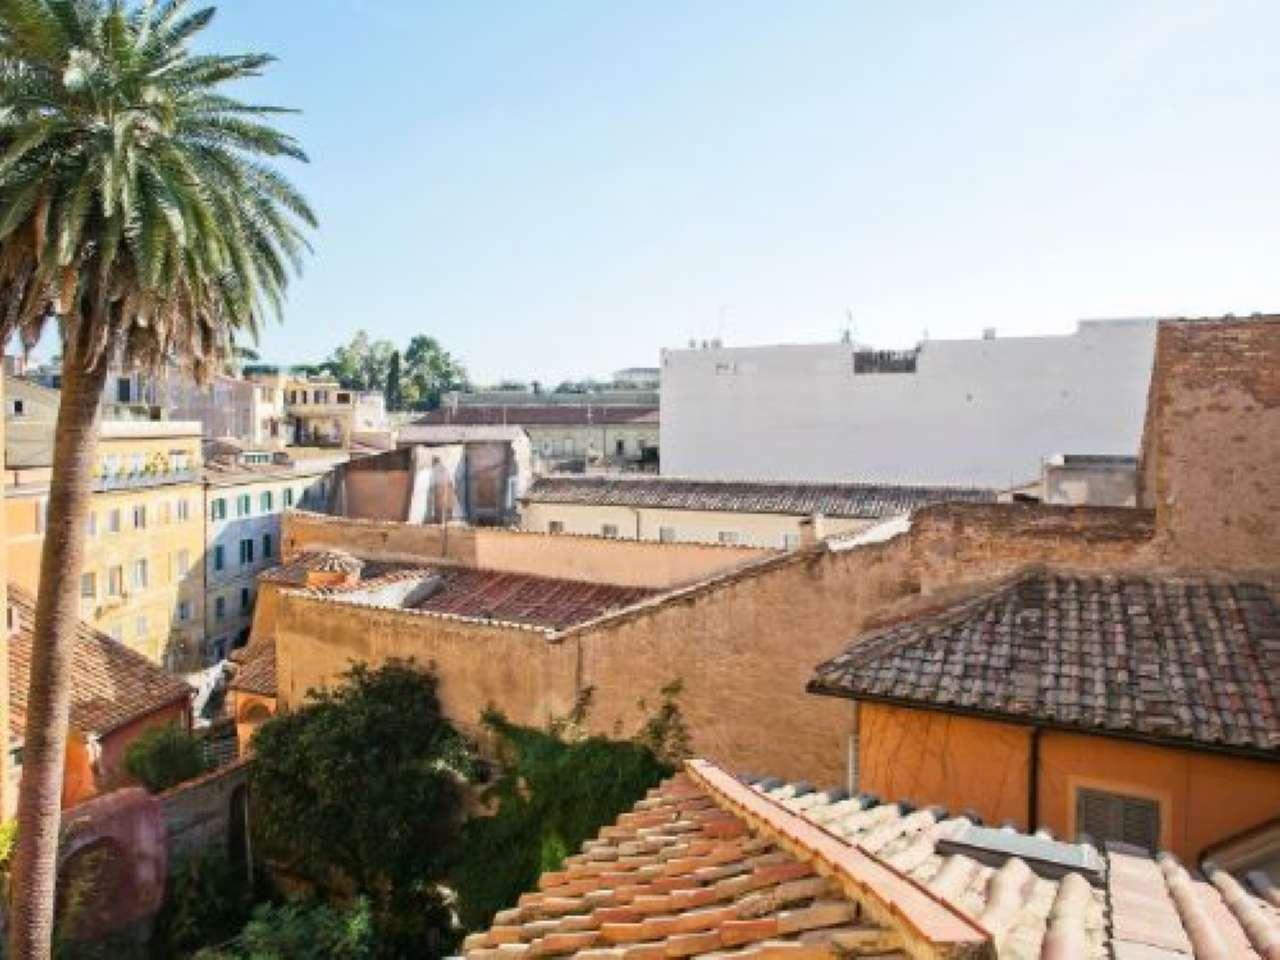 Attico / Mansarda in vendita a Roma, 5 locali, zona Zona: 1 . Centro storico, prezzo € 1.180.000 | CambioCasa.it